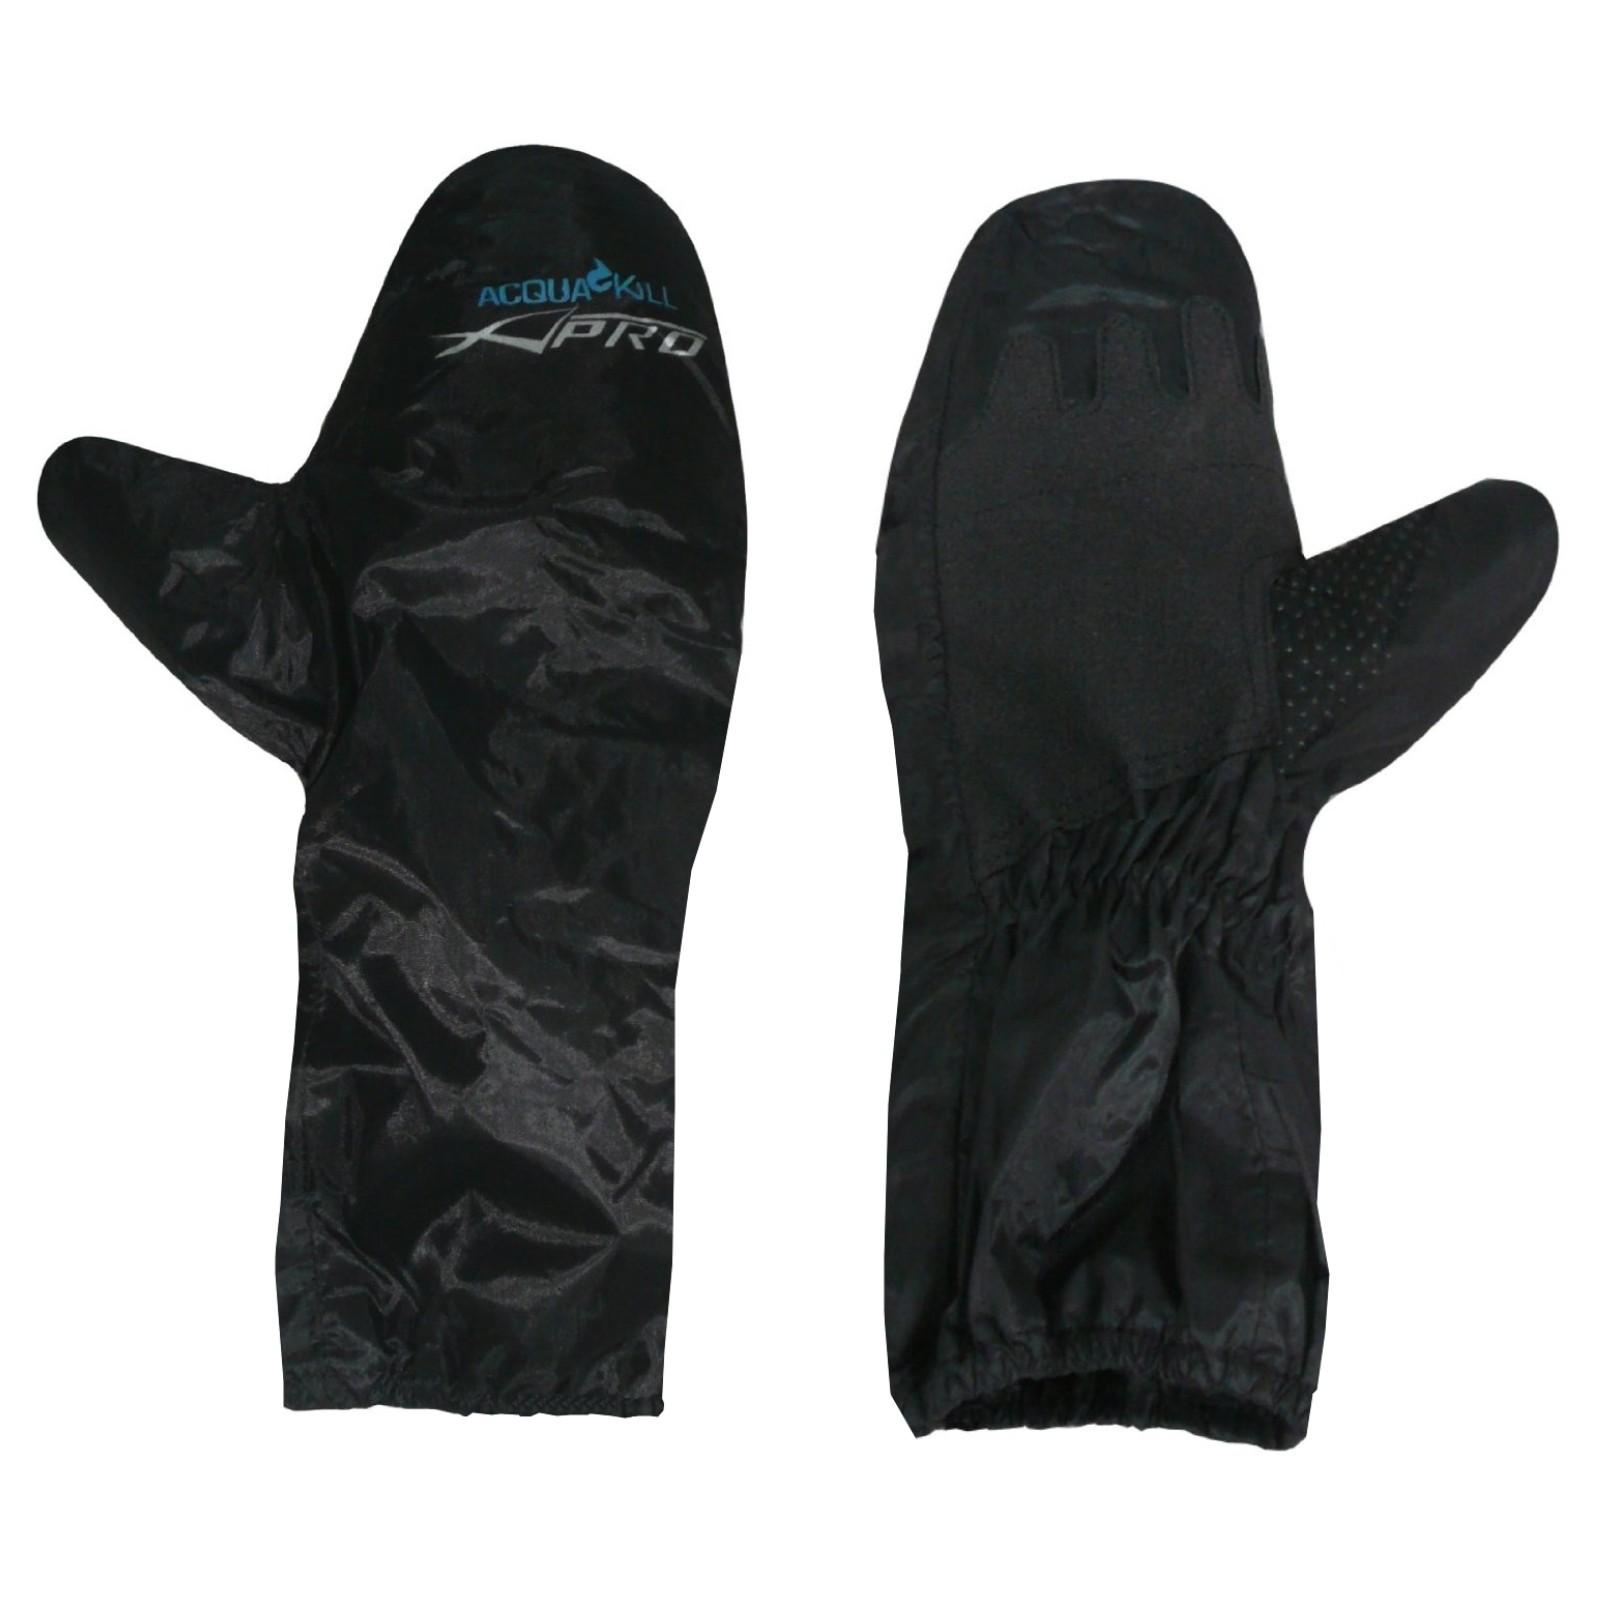 Copri Guanti Impermeabili Tessuto Cerato Antipioggia Moto Scooter Custom Nero